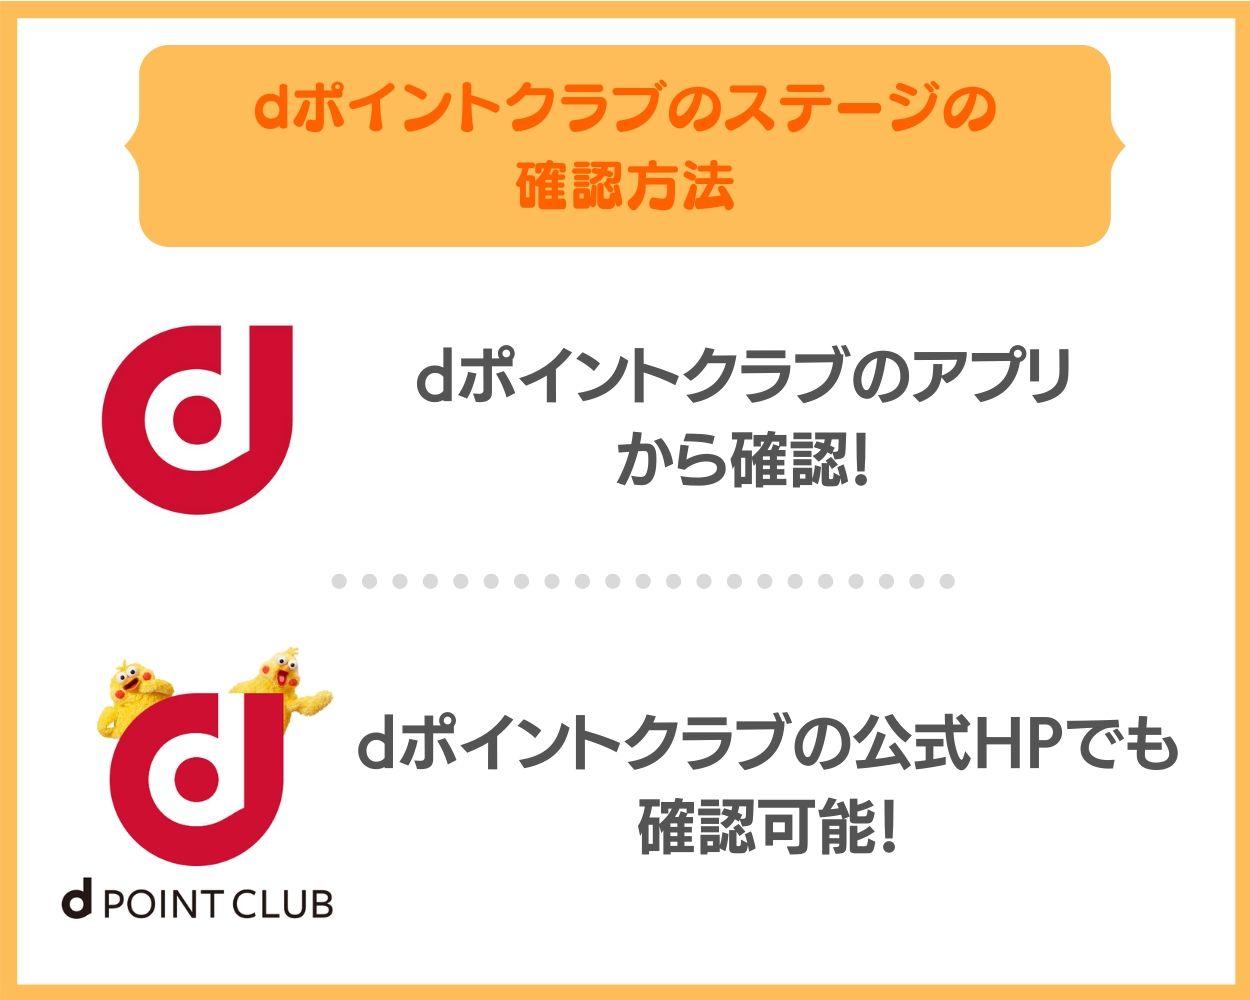 dポイントクラブのステージはアプリやウェブから確認できる!